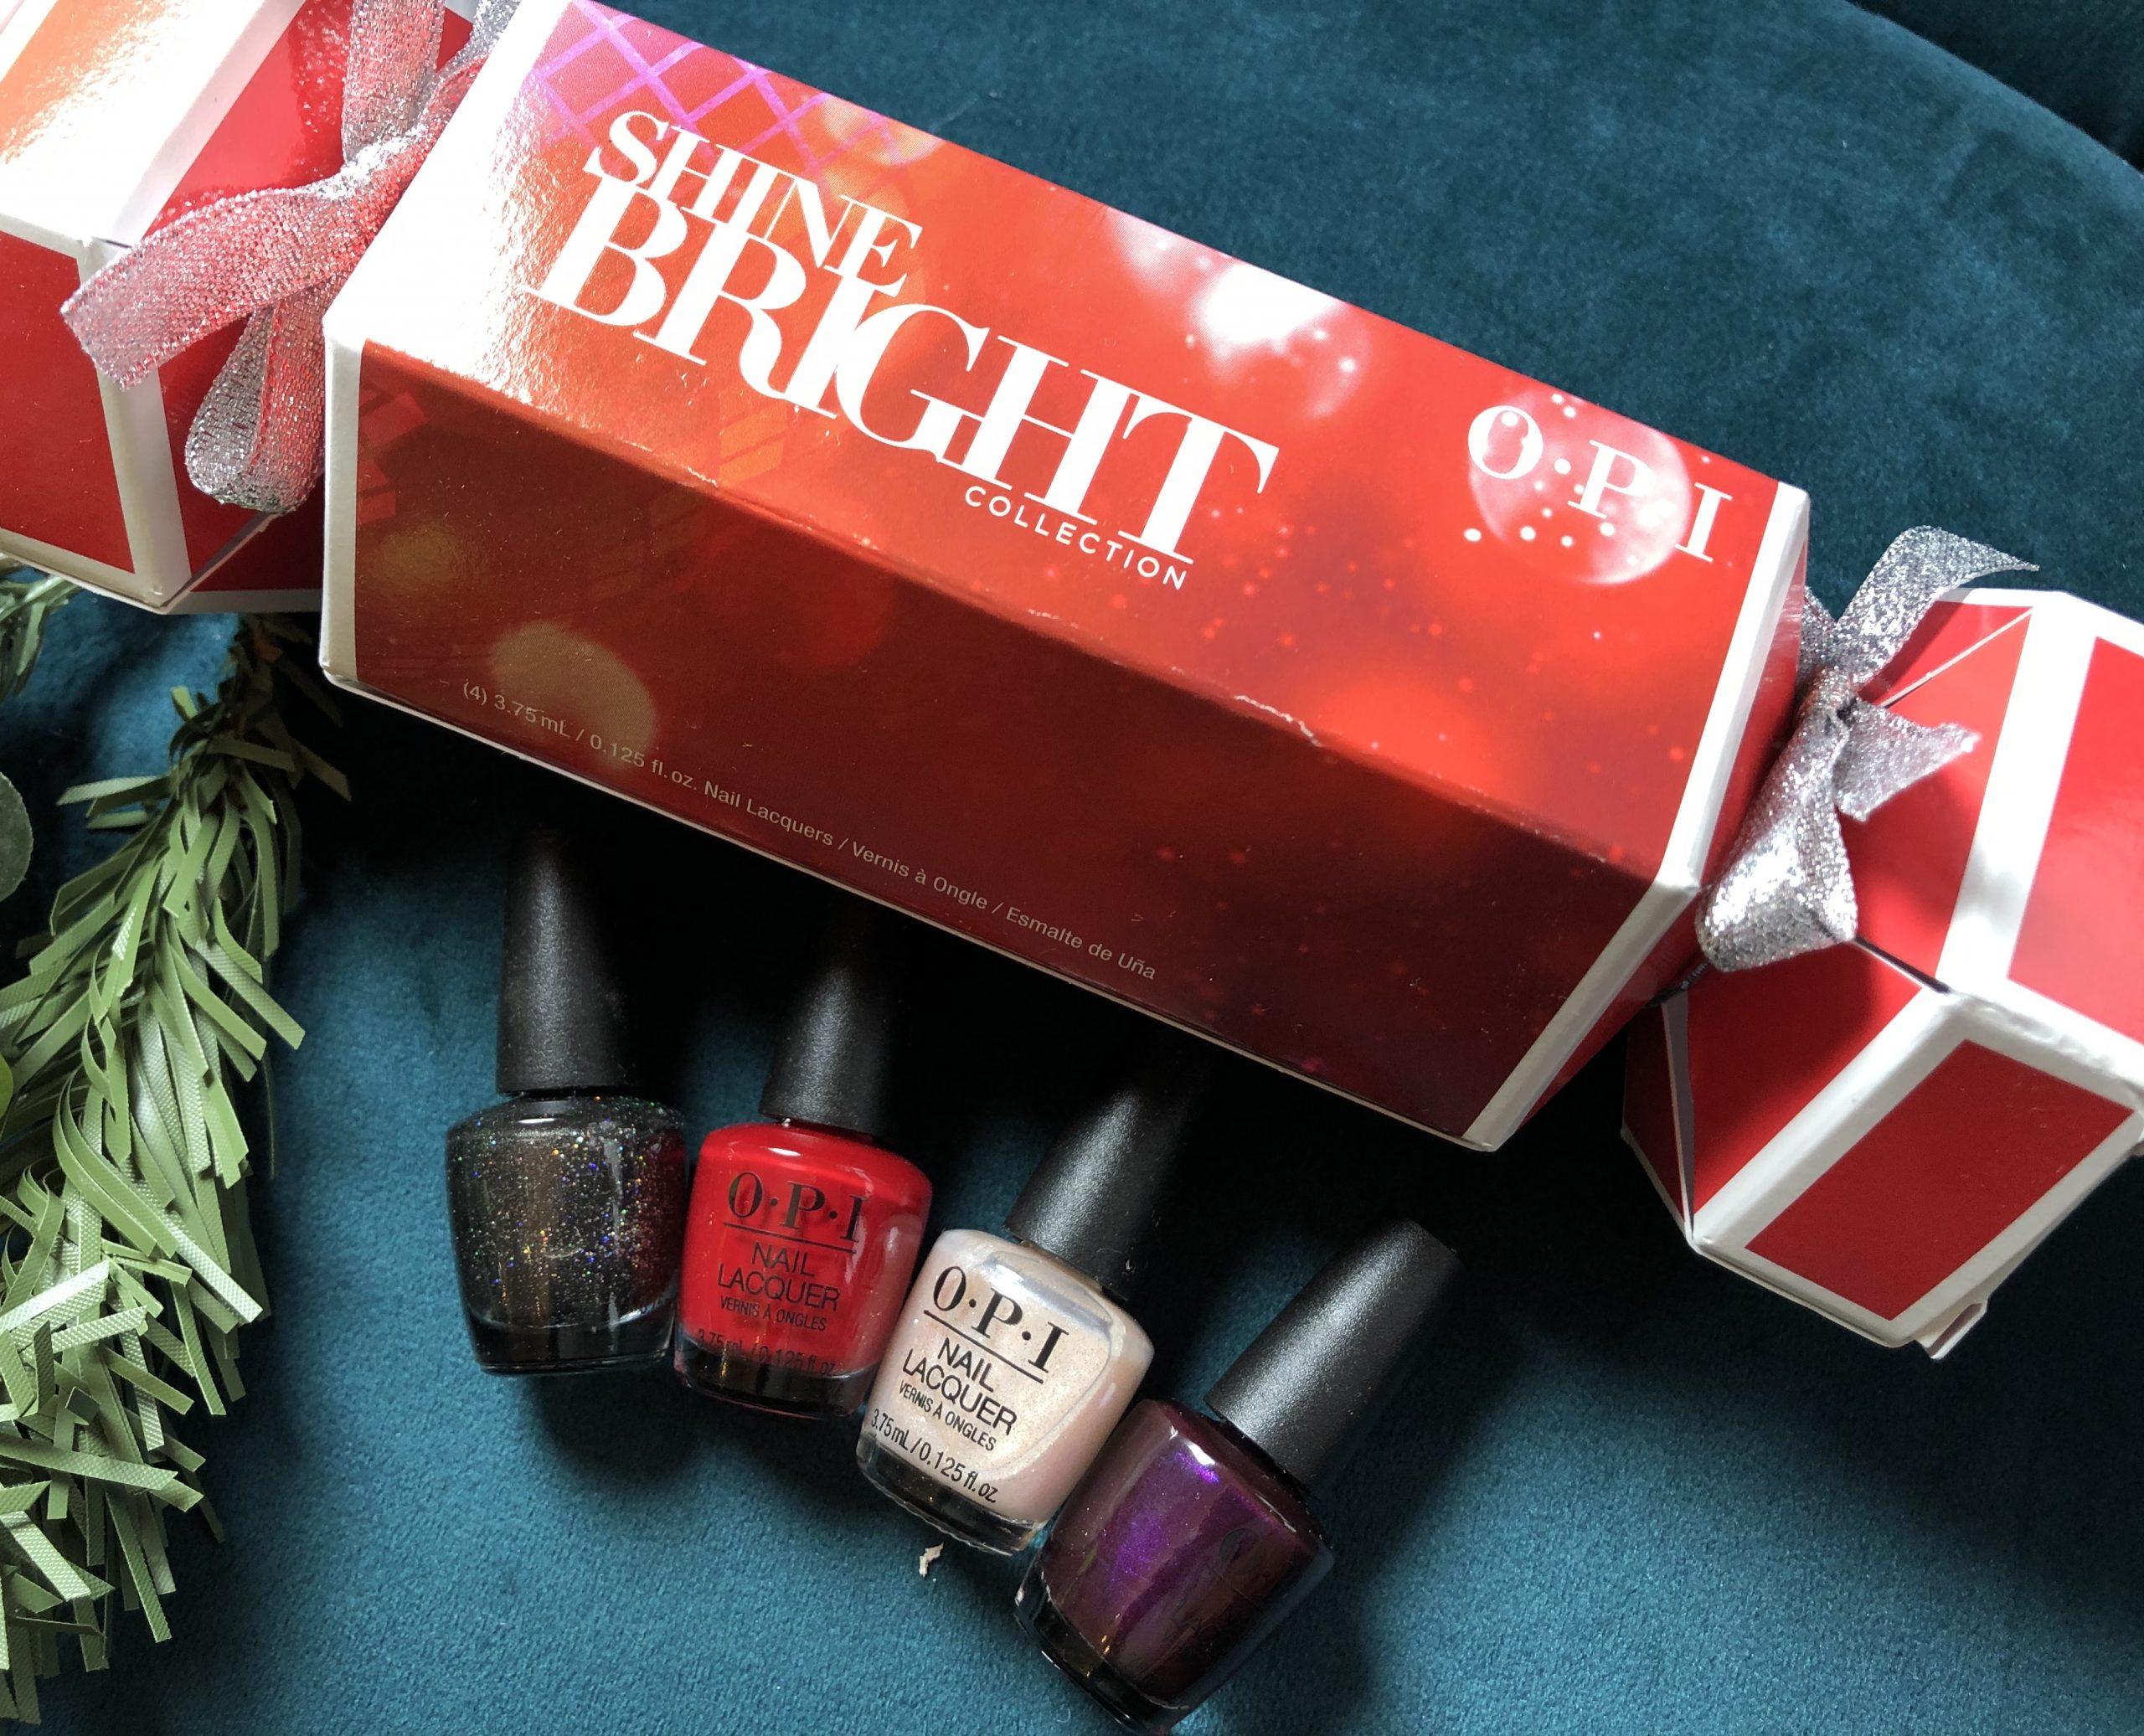 OPI Shine bright 4 piece mini Lacquer Christmas cracker